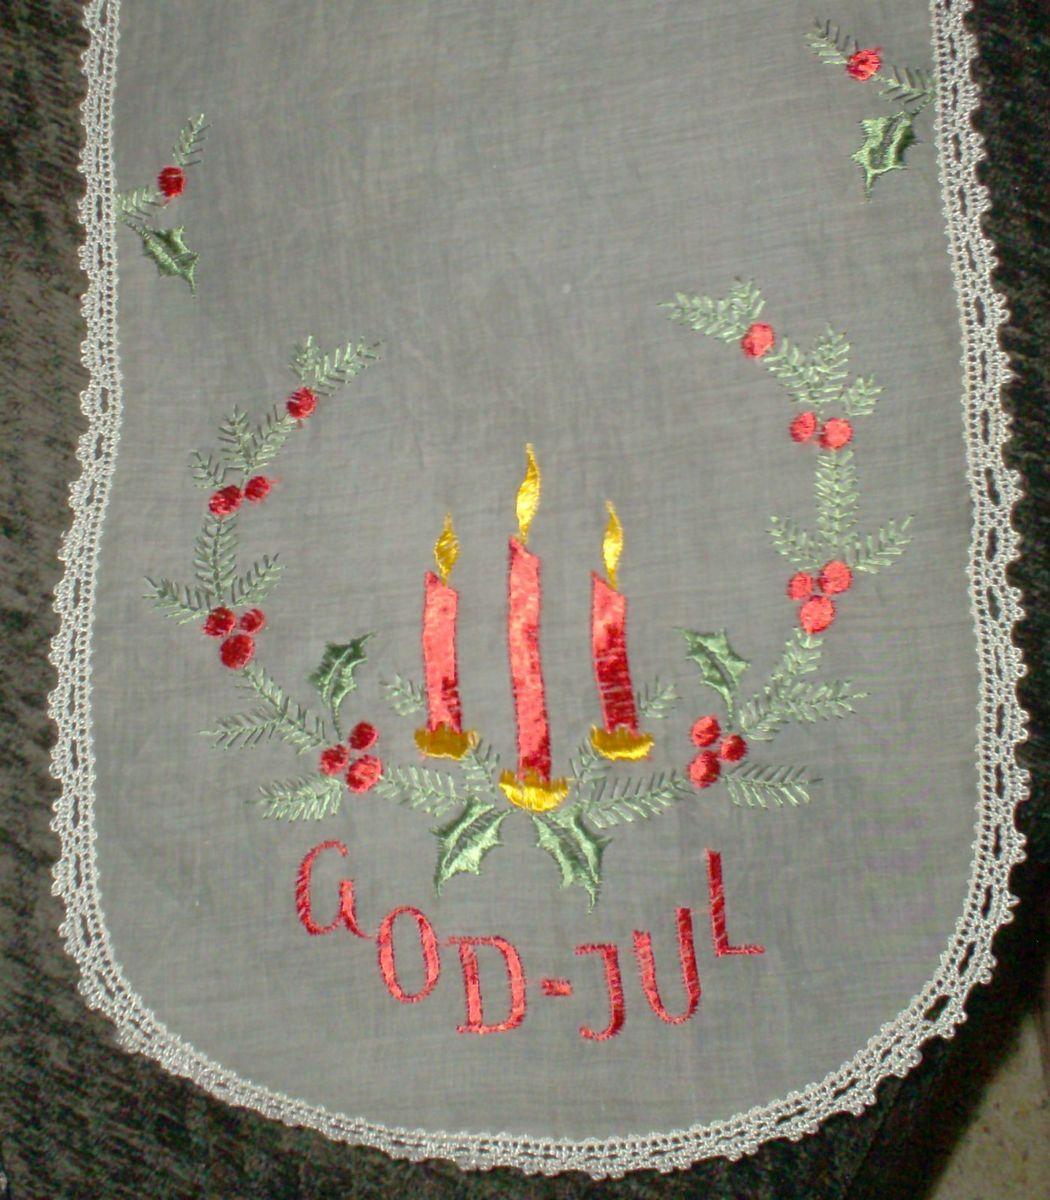 Vintage GOD JUL Dresser Scarf Table Runner Christmas Candles